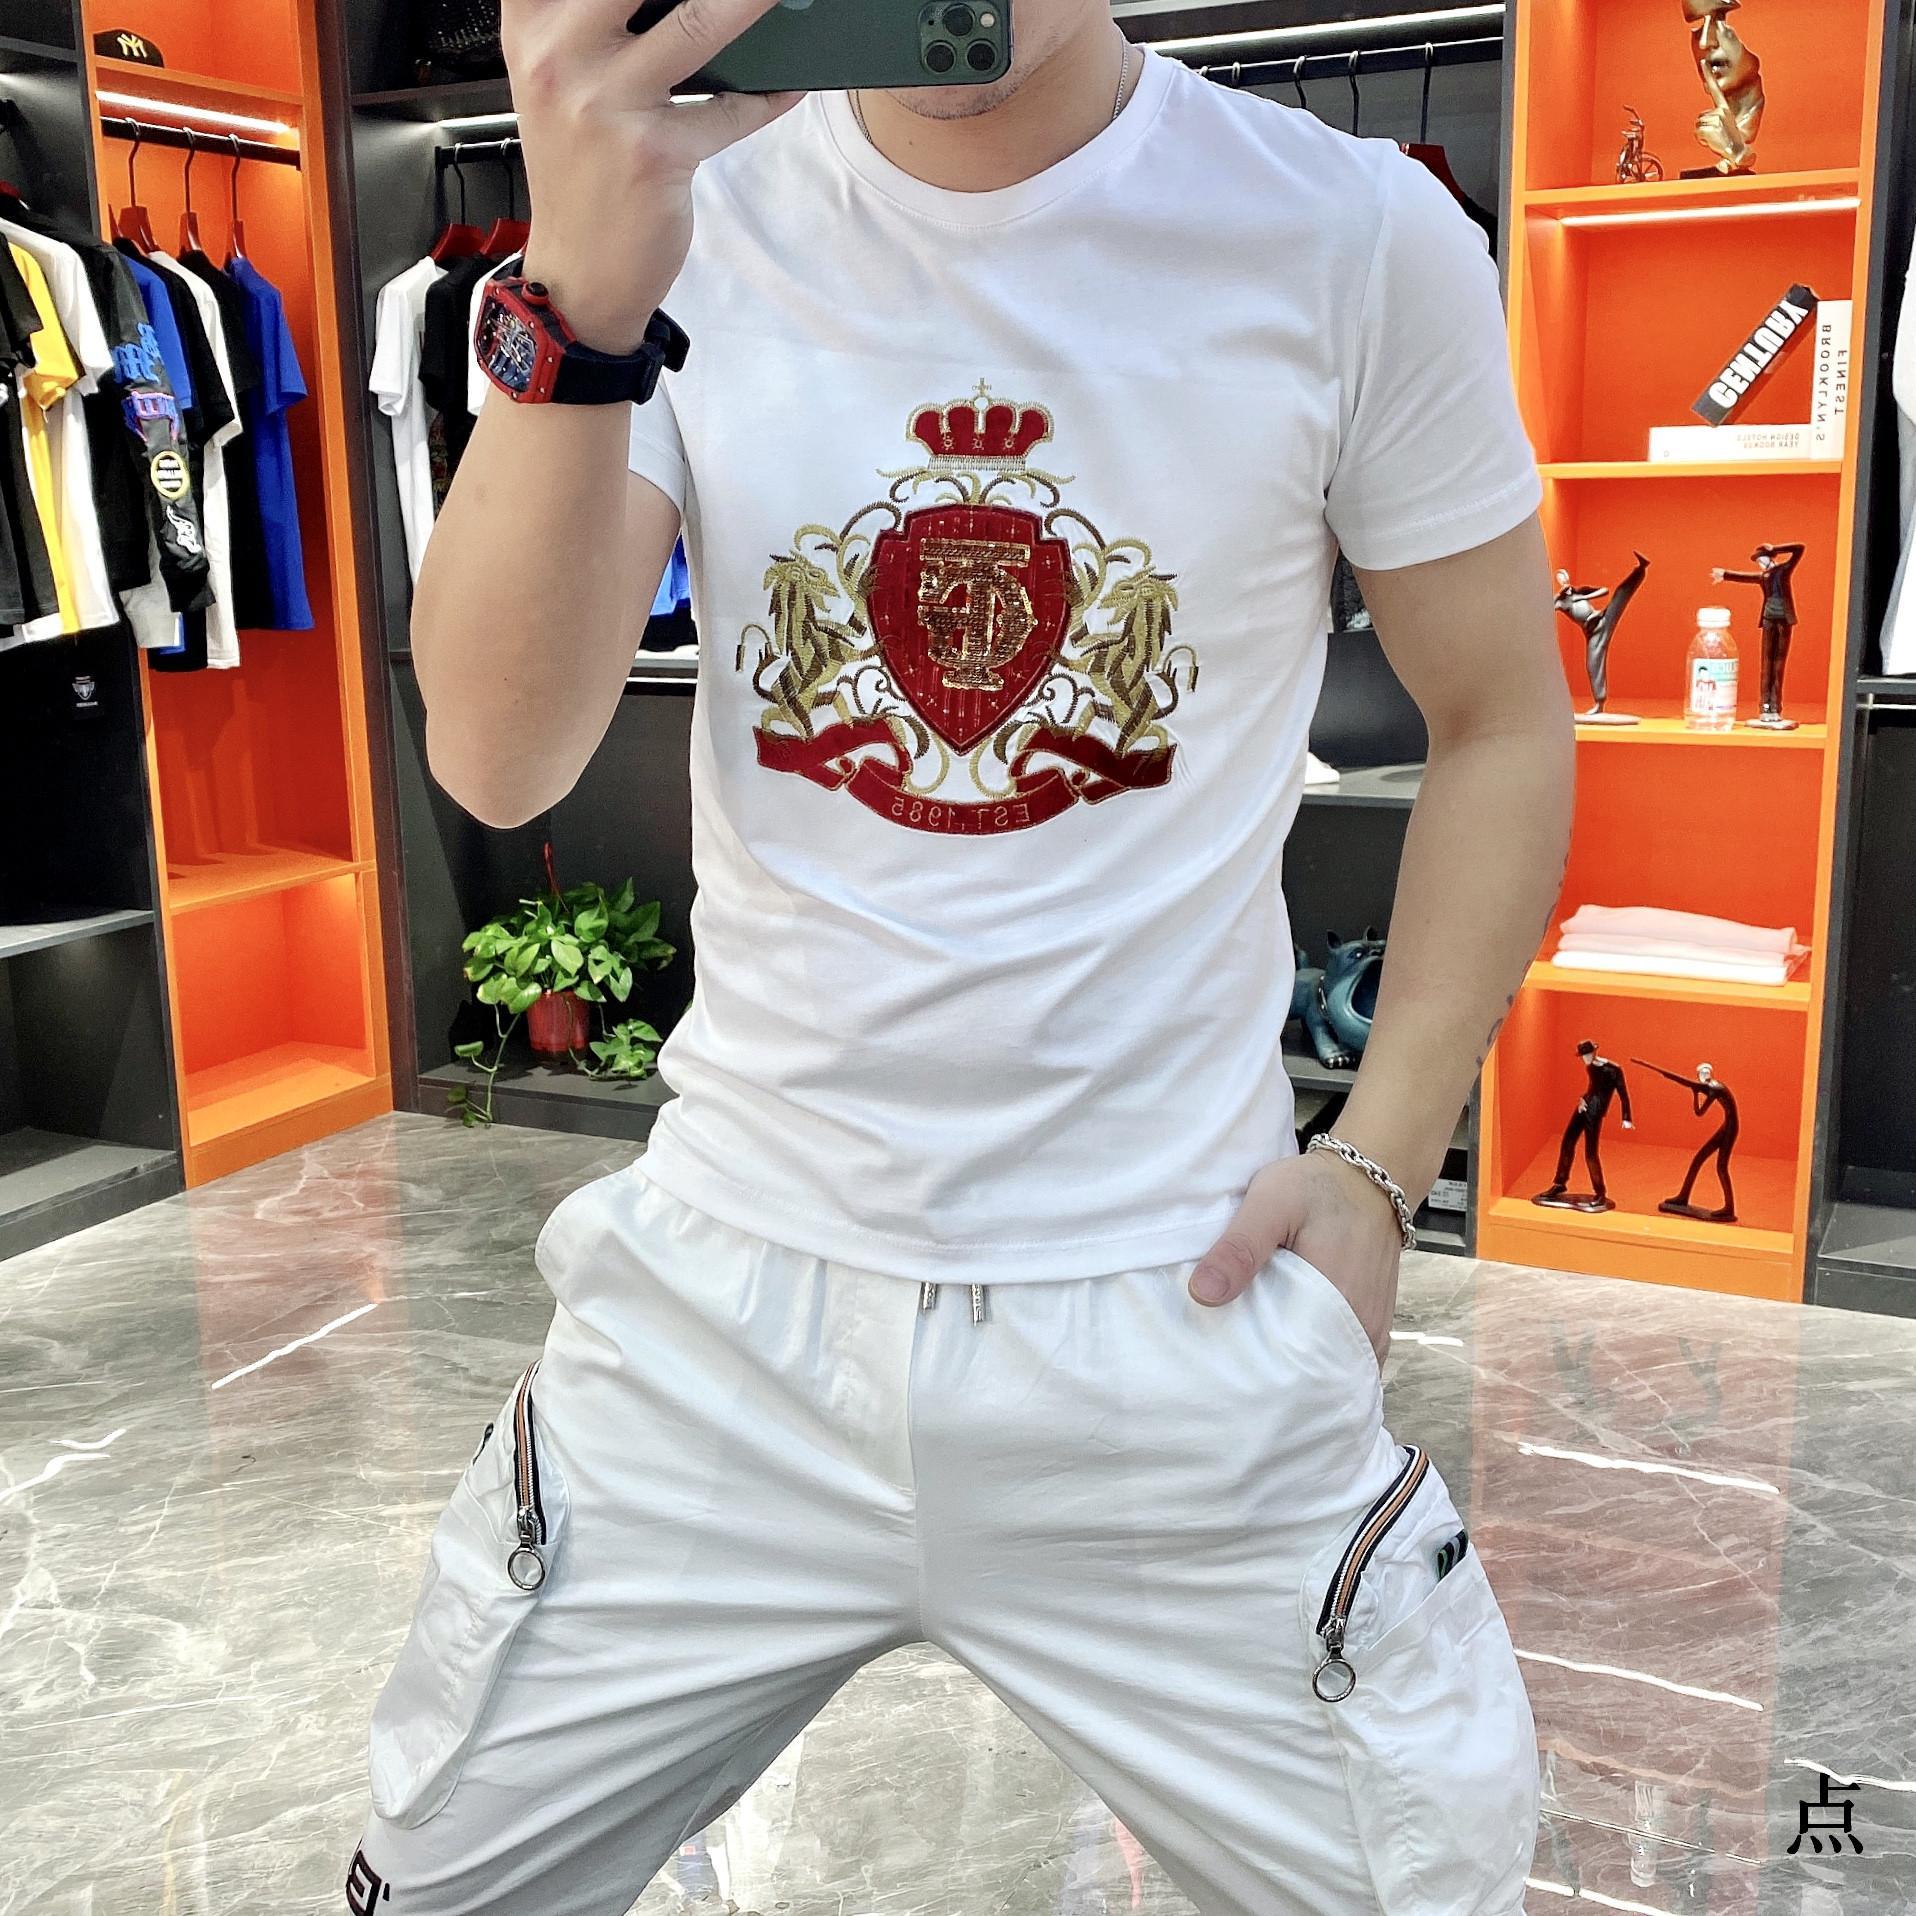 2021 Frühling und Sommer Neue Mode Trend Rundhals Kurzärmelige Bottoming Hemd Persönlichkeitsbrief Stickerei Slim Herren T-Shirt